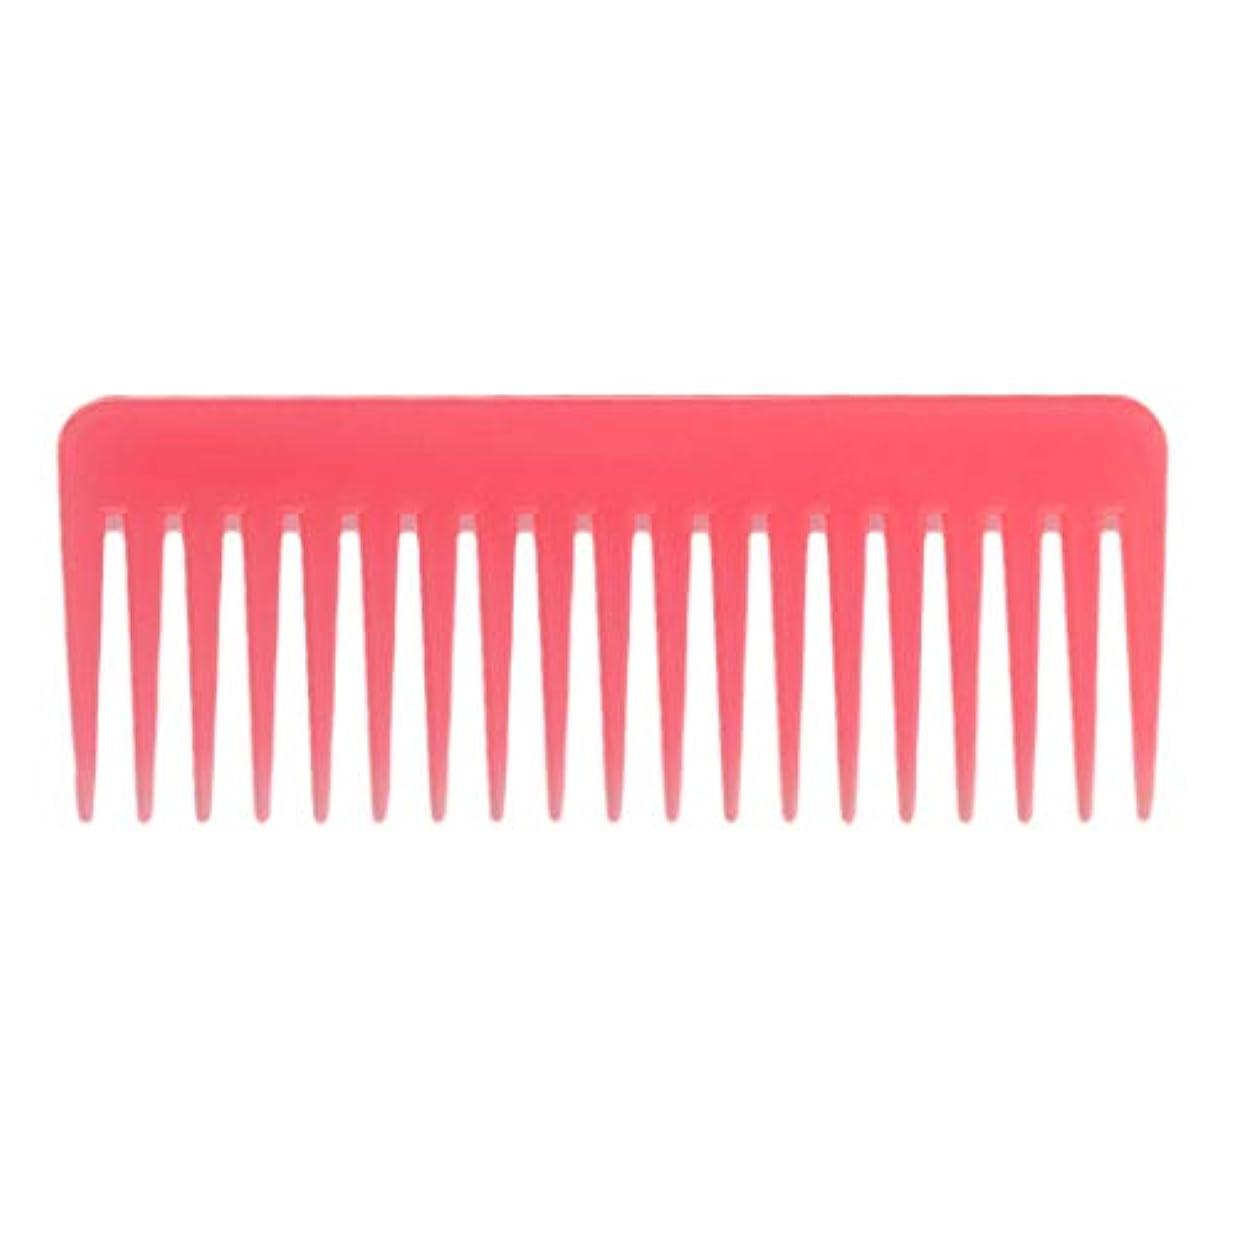 トラフ憂鬱努力巻き毛の太い髪用の広い歯のもつれのくしサロンシャンプーヘアブラシくし、6.1 ' - ピンク